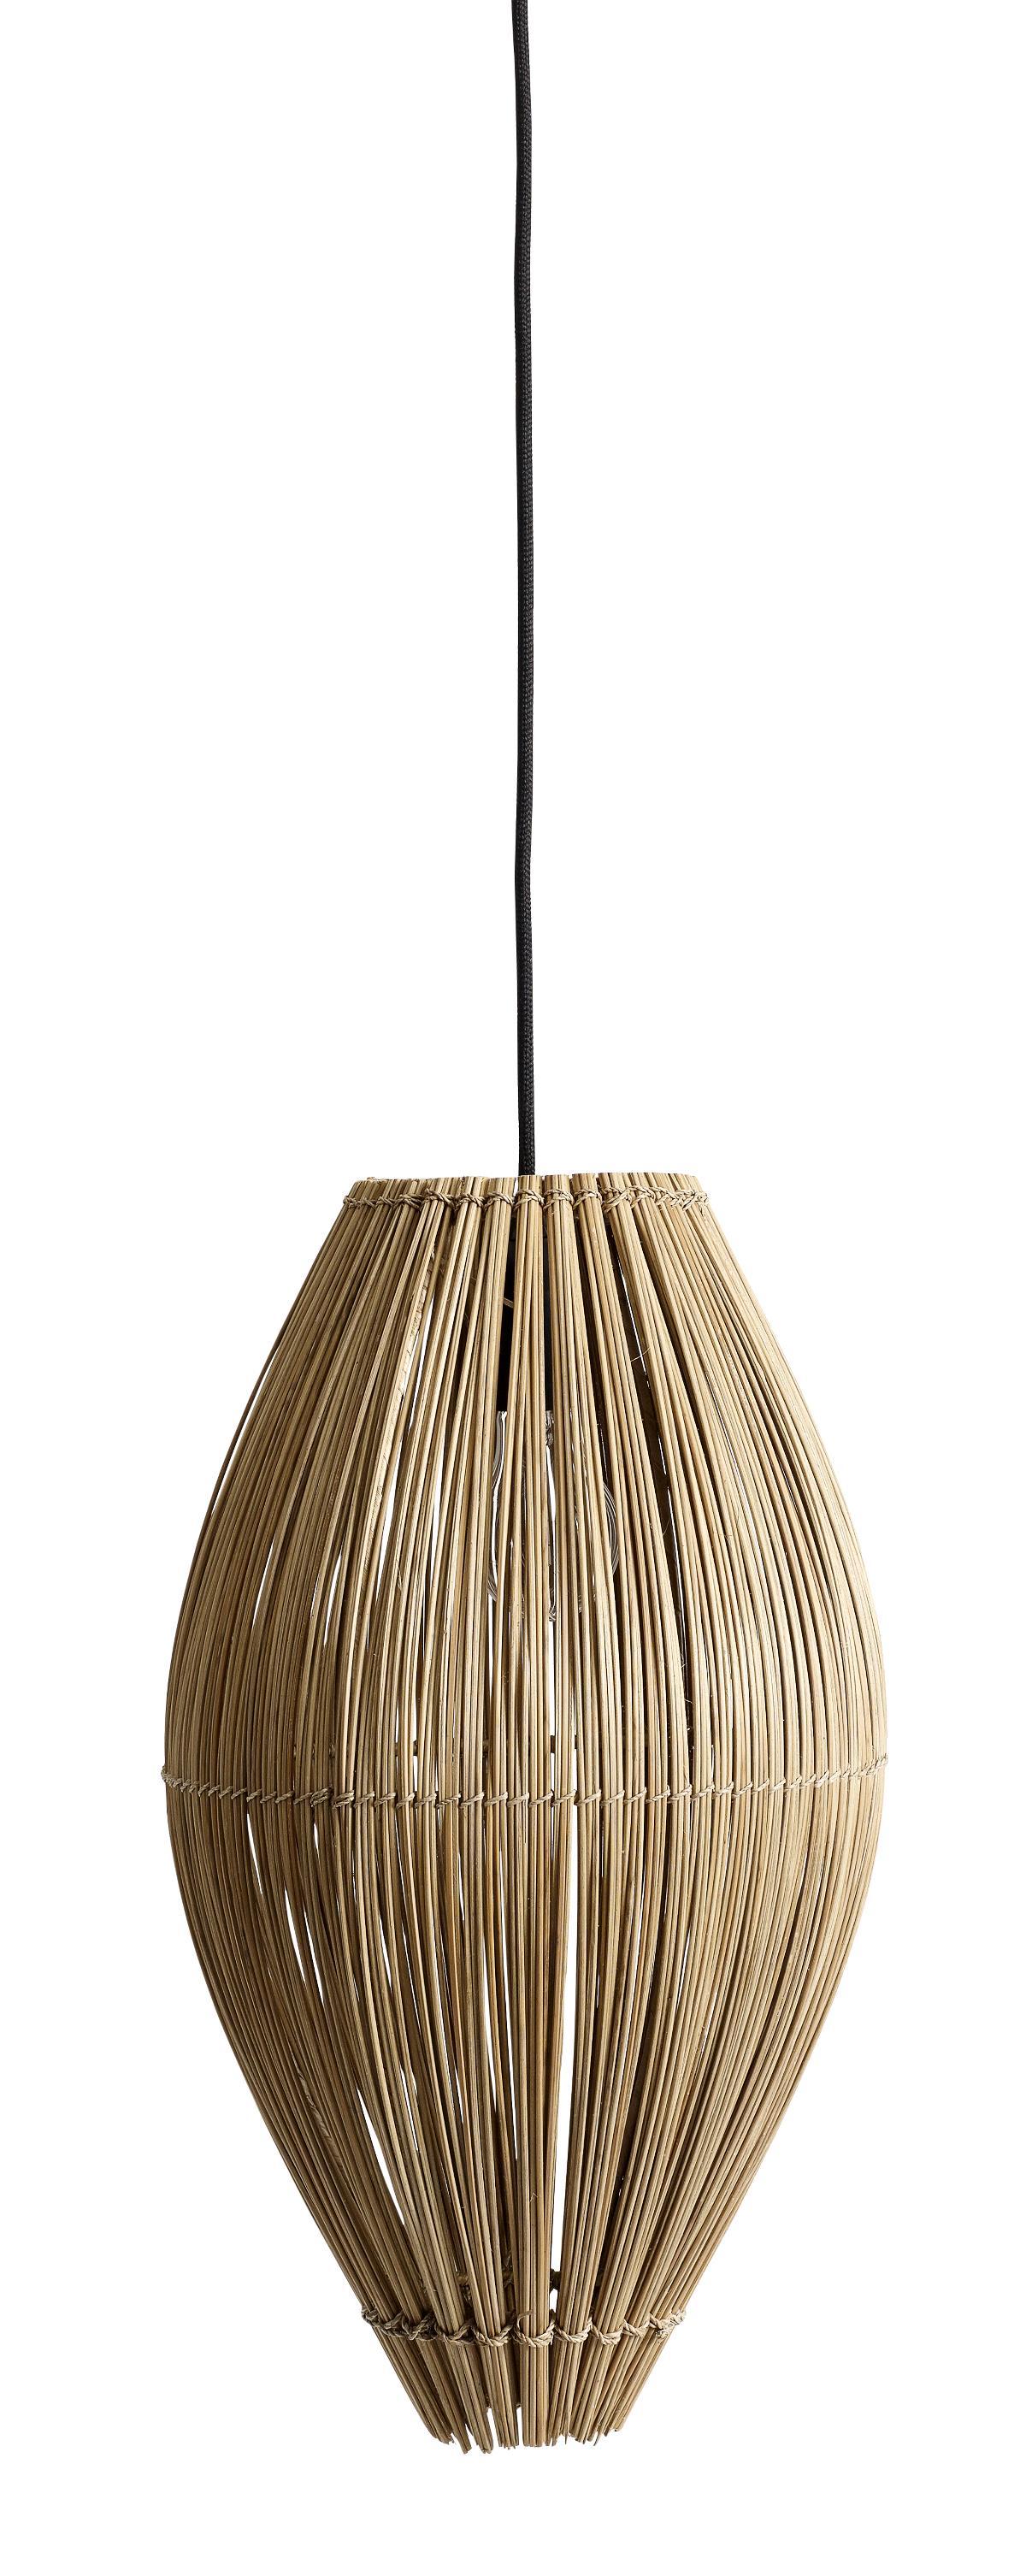 Muubs - Fishtrap Lamp Medium - Natur (8470000140)